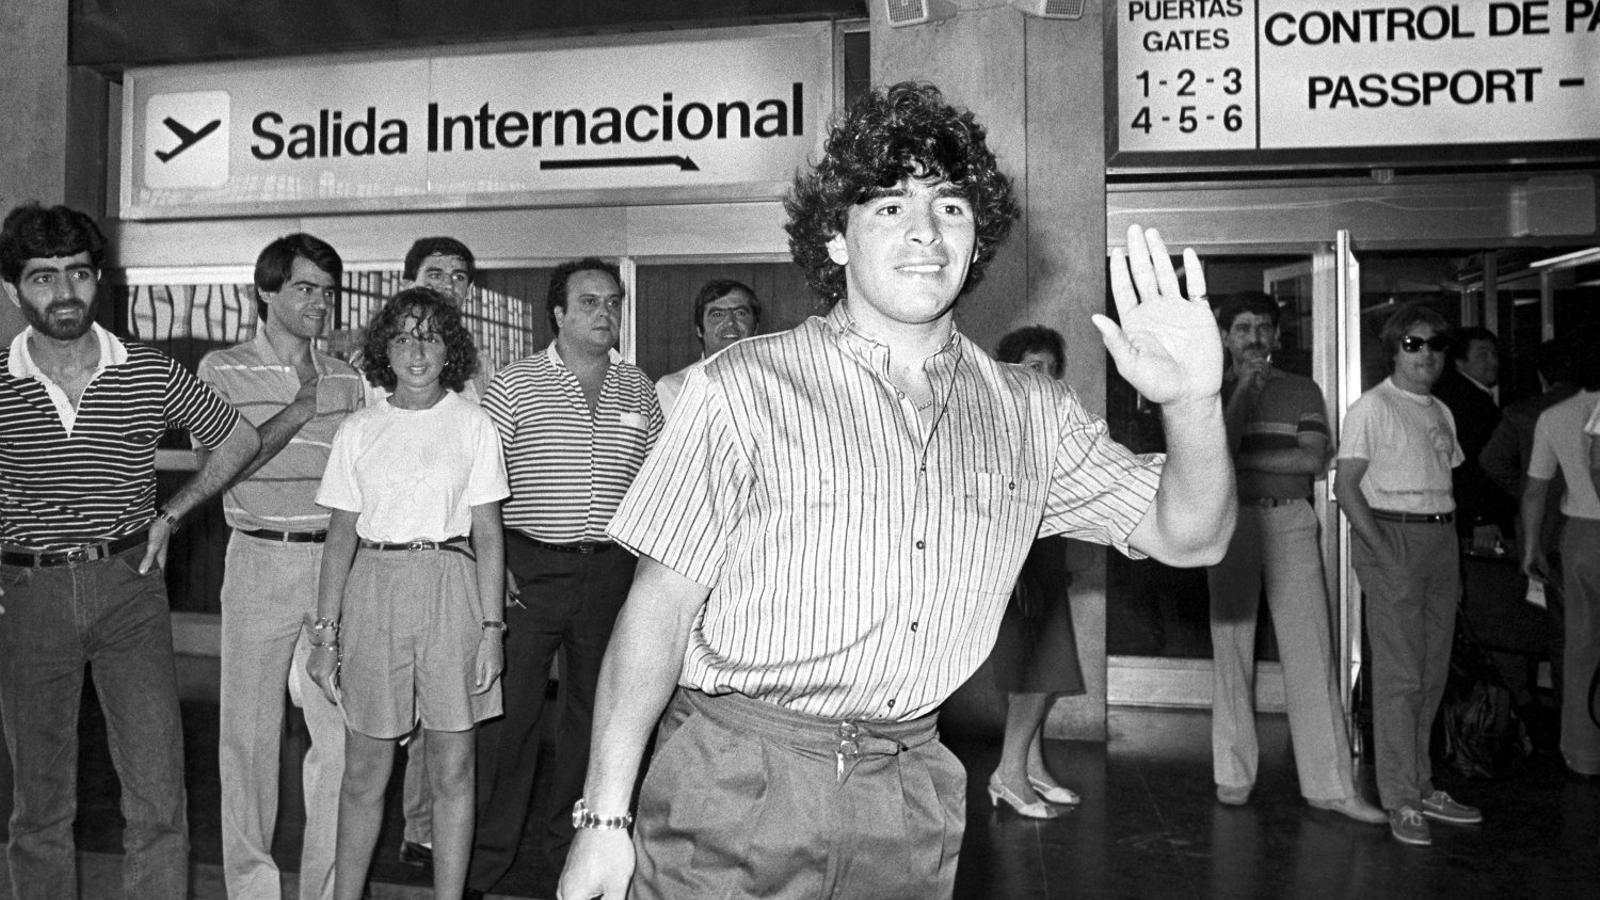 Maradona, pioner en marxar per la porta del darrere